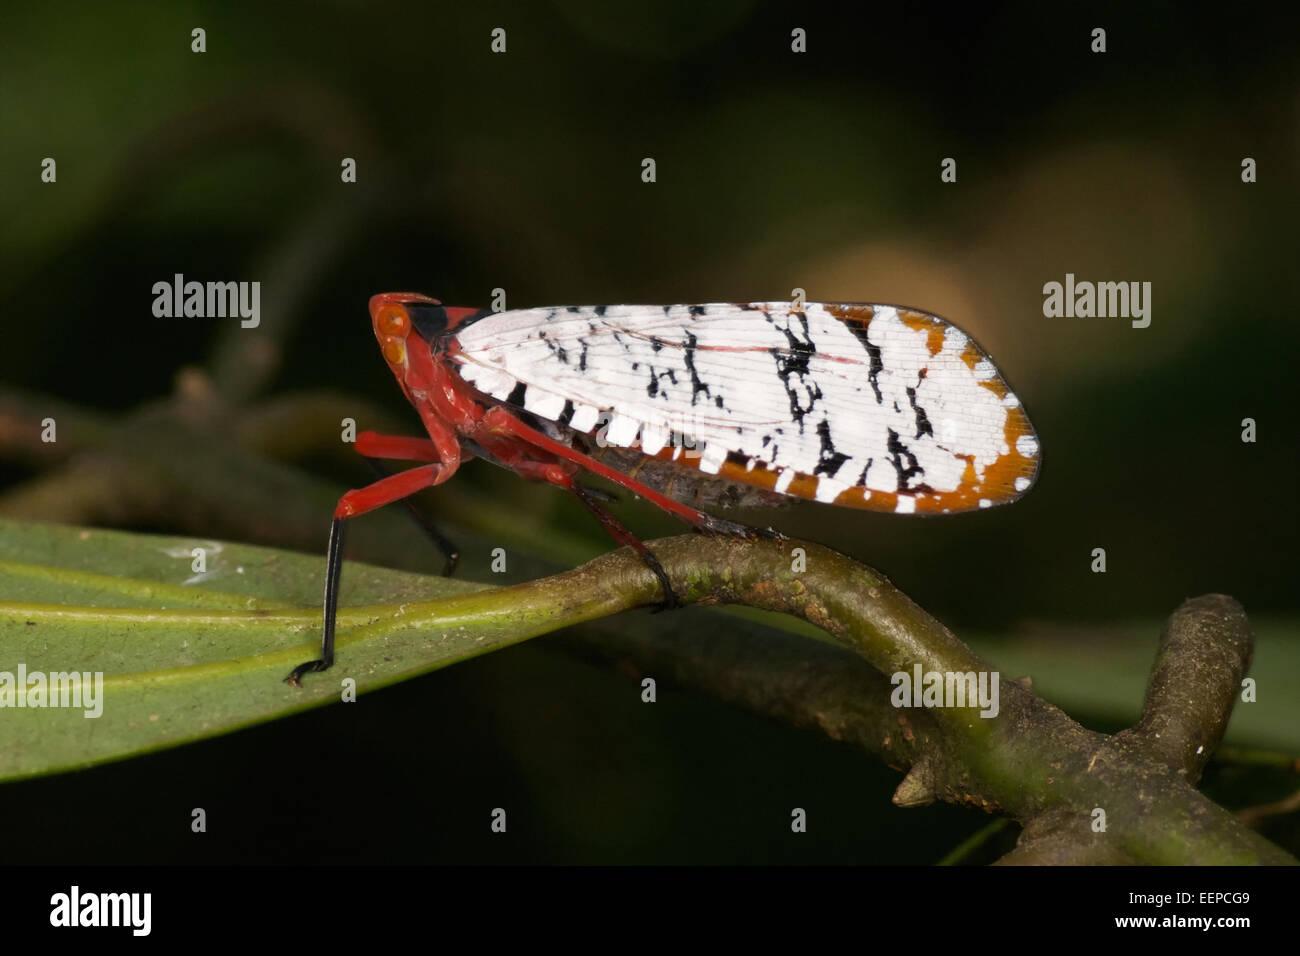 Aphaena submaculata lantern bug, Thailand. - Stock Image